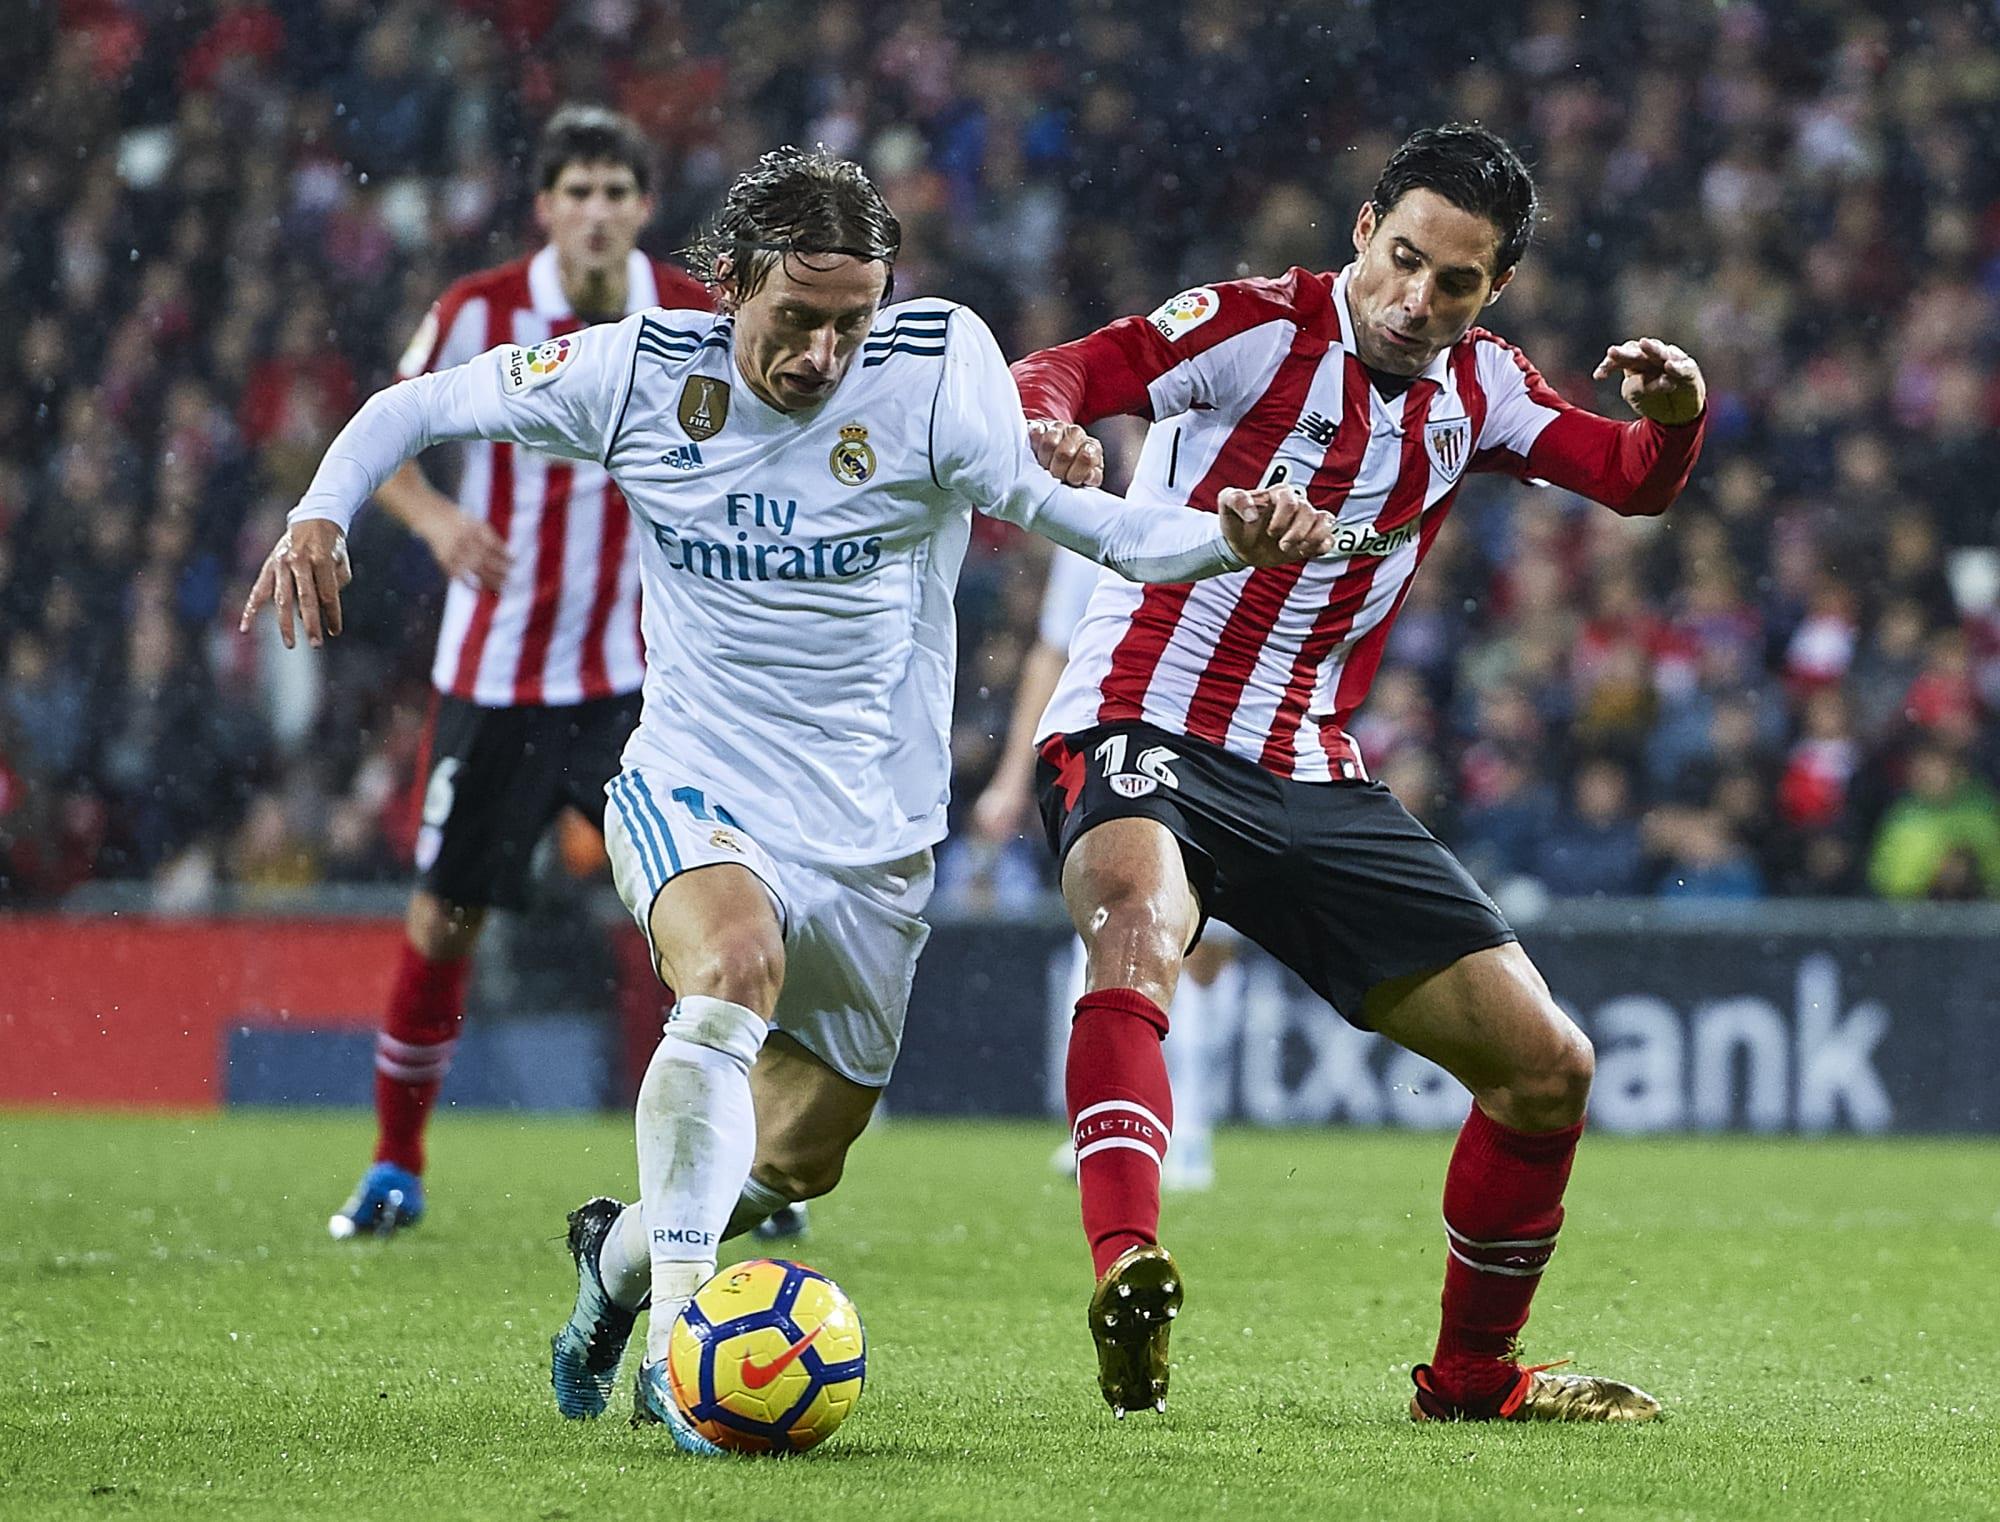 athletic club vs real madrid - photo #33